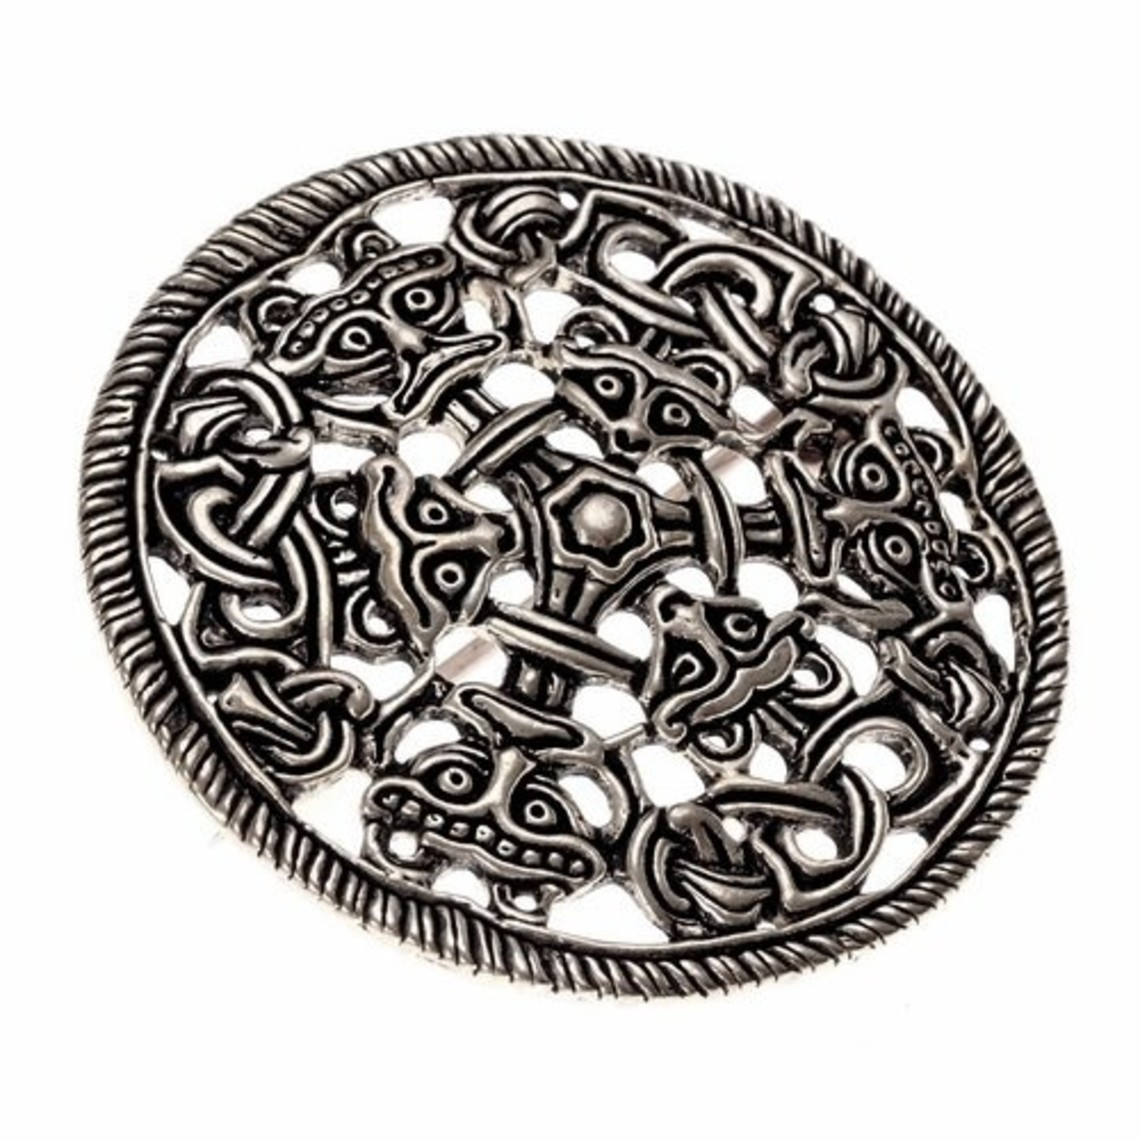 Borre fibula a disco stile, bronzo argentato